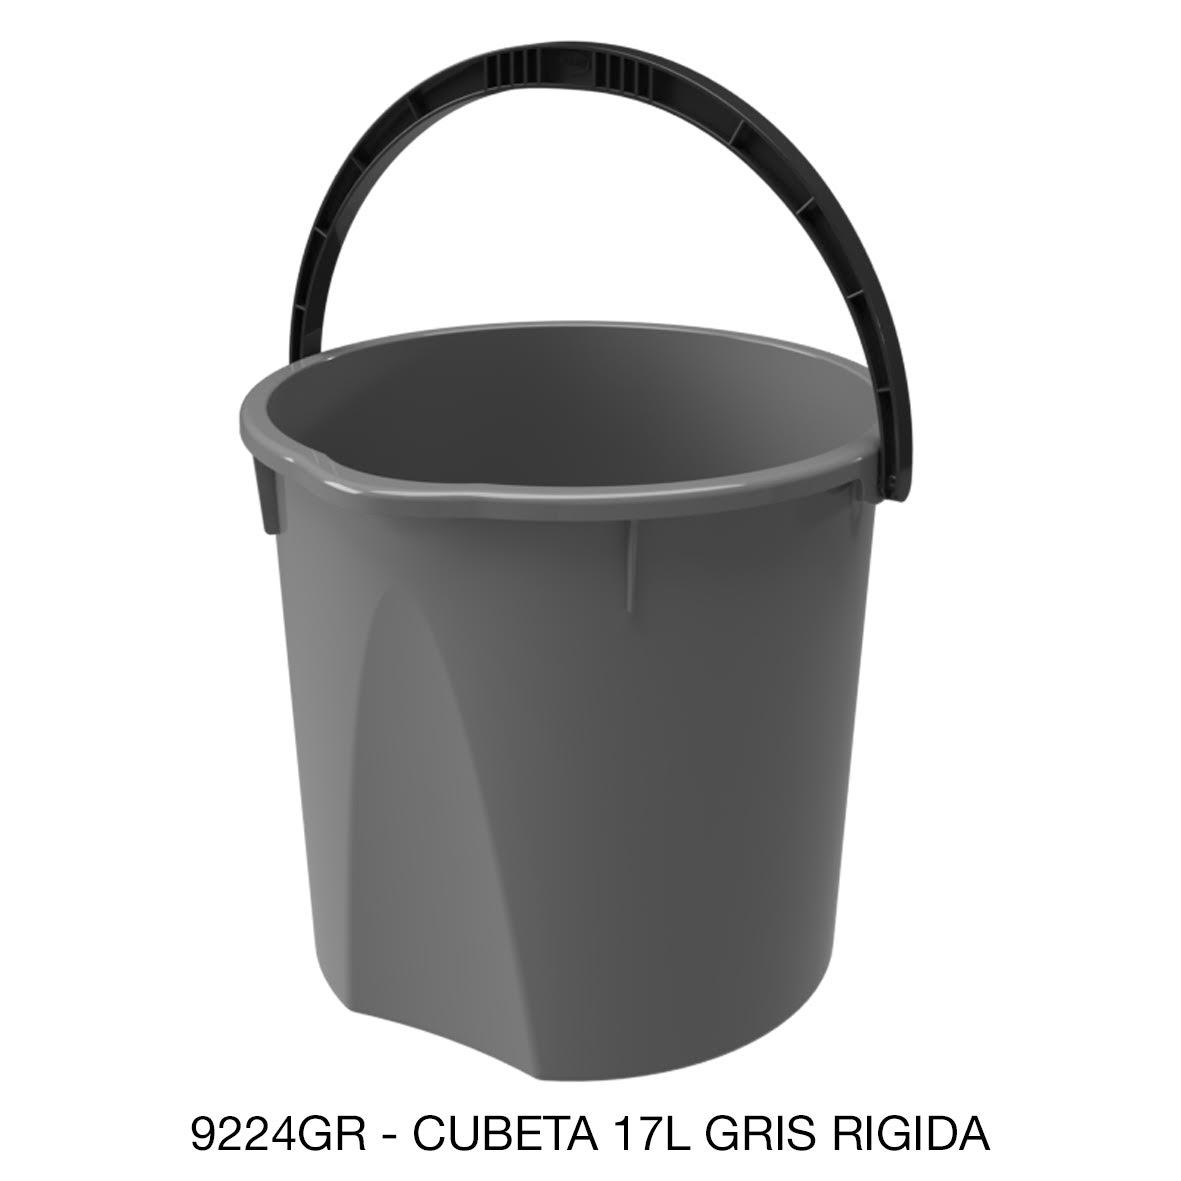 Cubeta resistente de 17 litros rígida color gris modelo 9224GR de Sablón